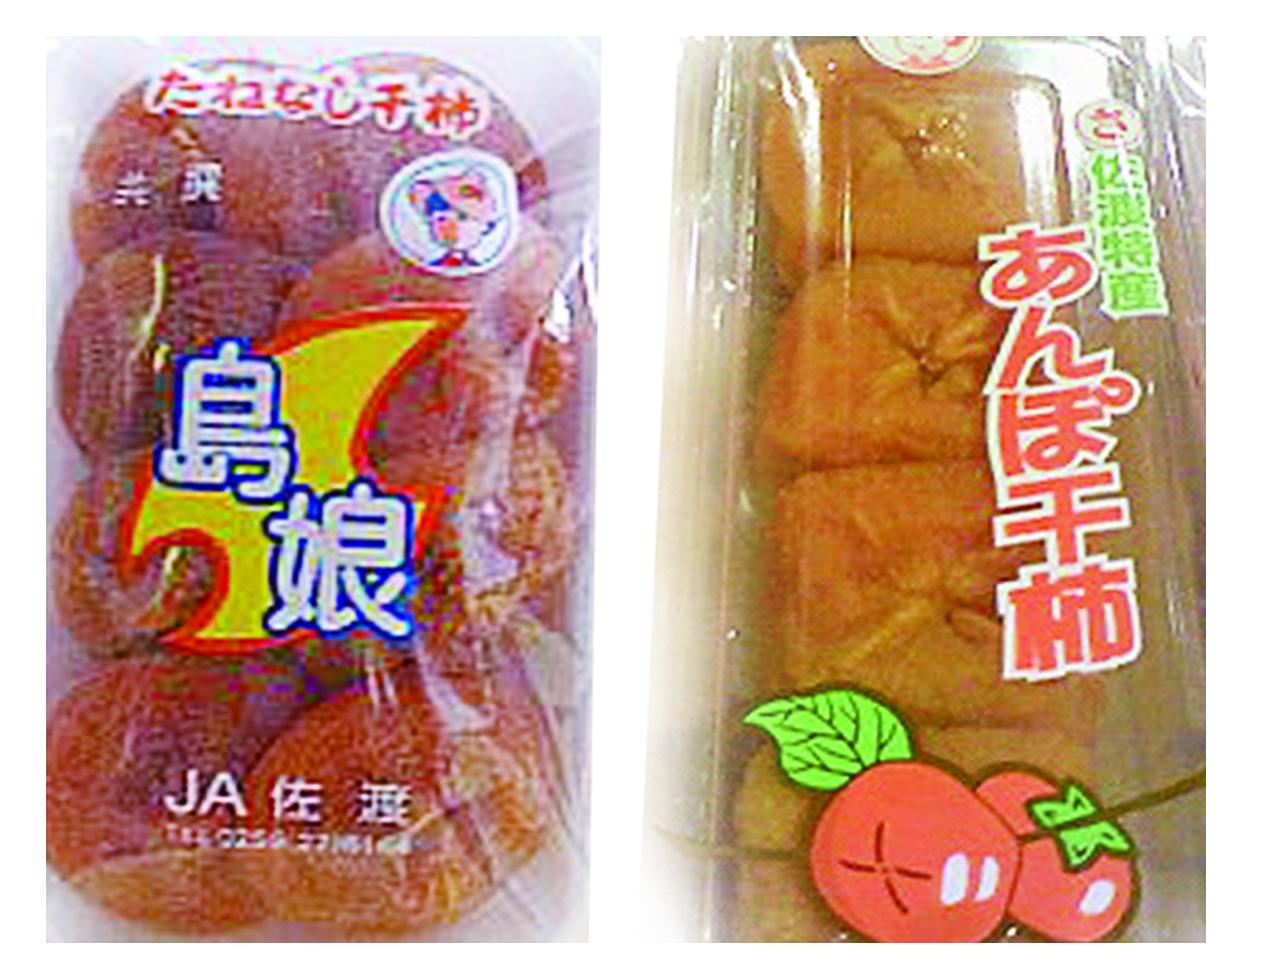 「あんぽ柿」5袋入り